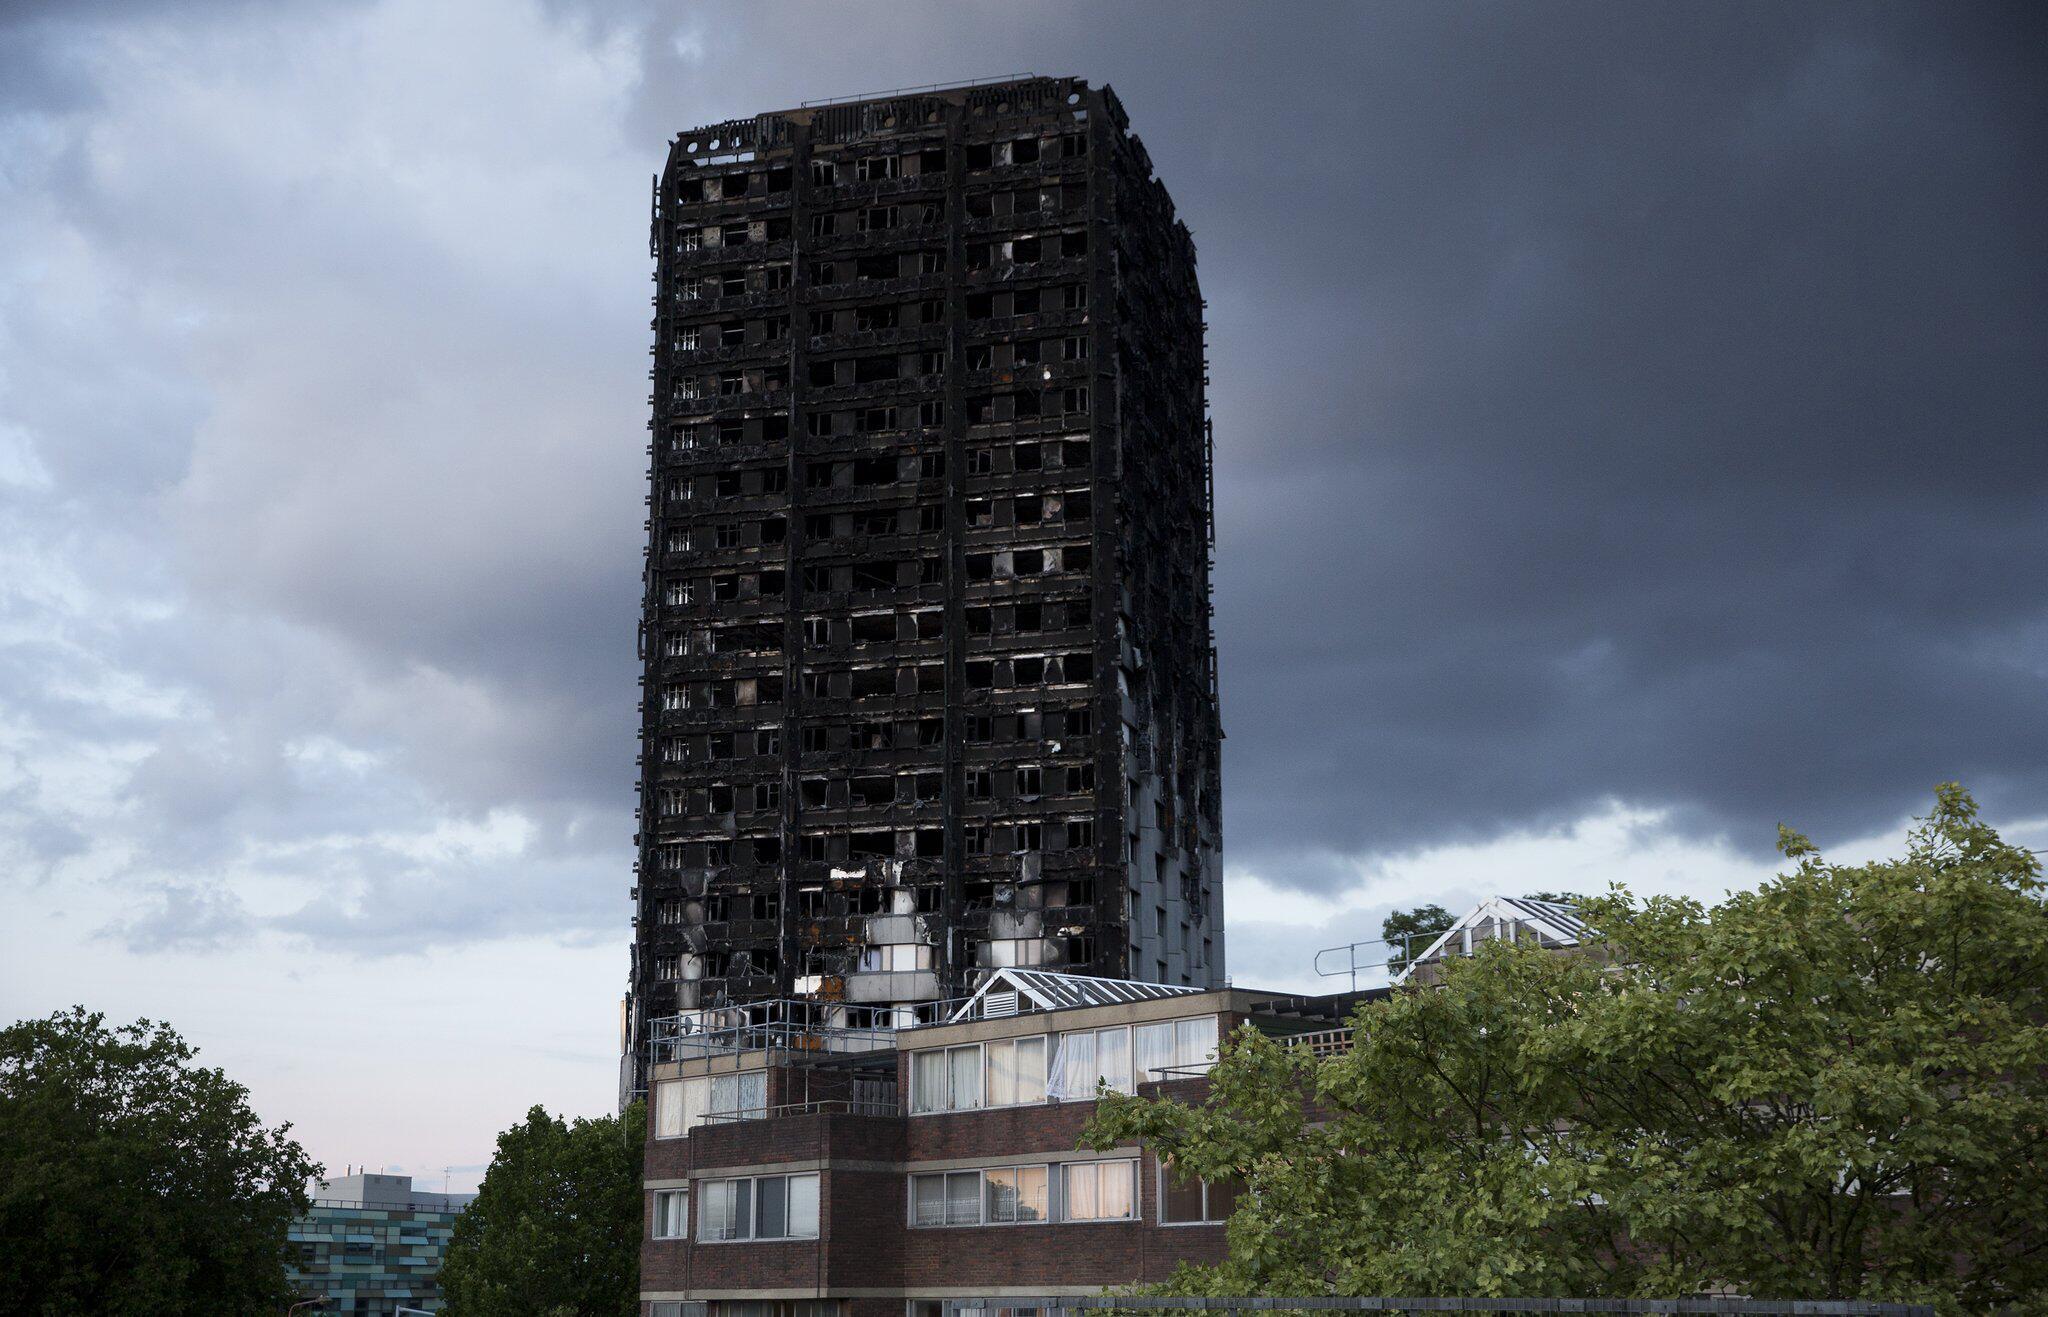 Bild zu Nach Brand im Grenfell-Tower